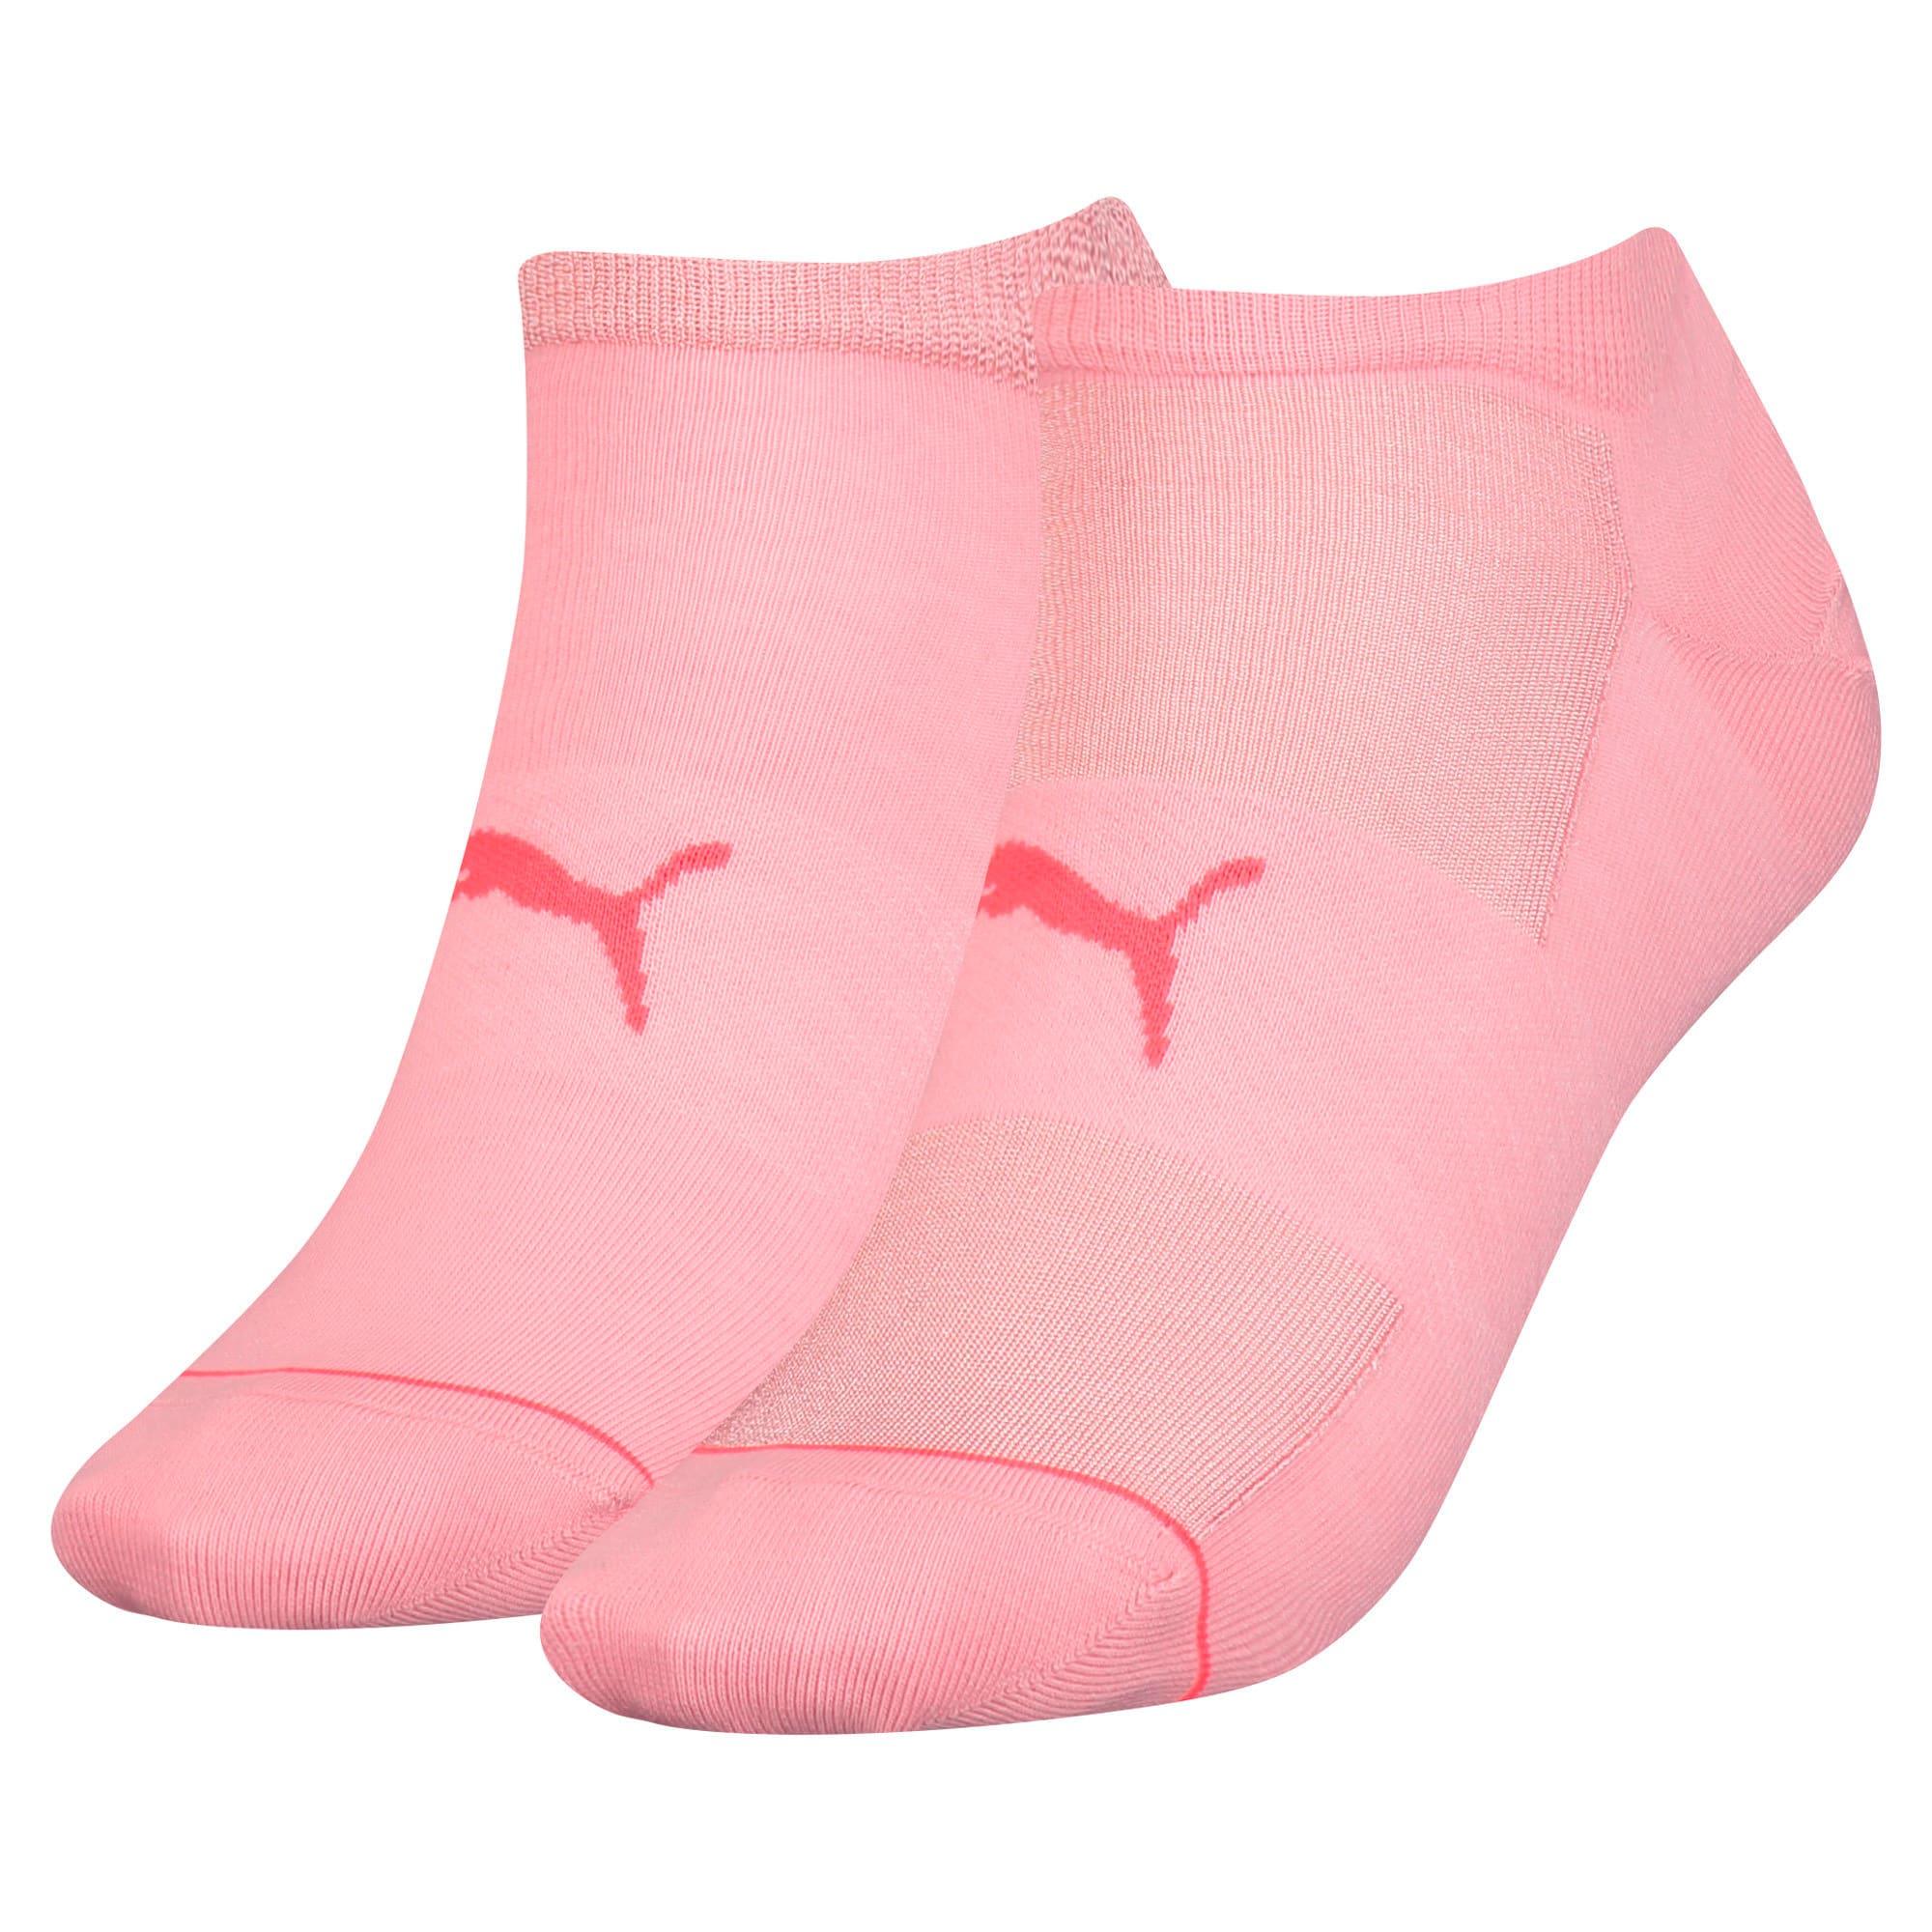 Puma Geschäft,Puma All Over Logo Trainer Socken 2 Pack Damen